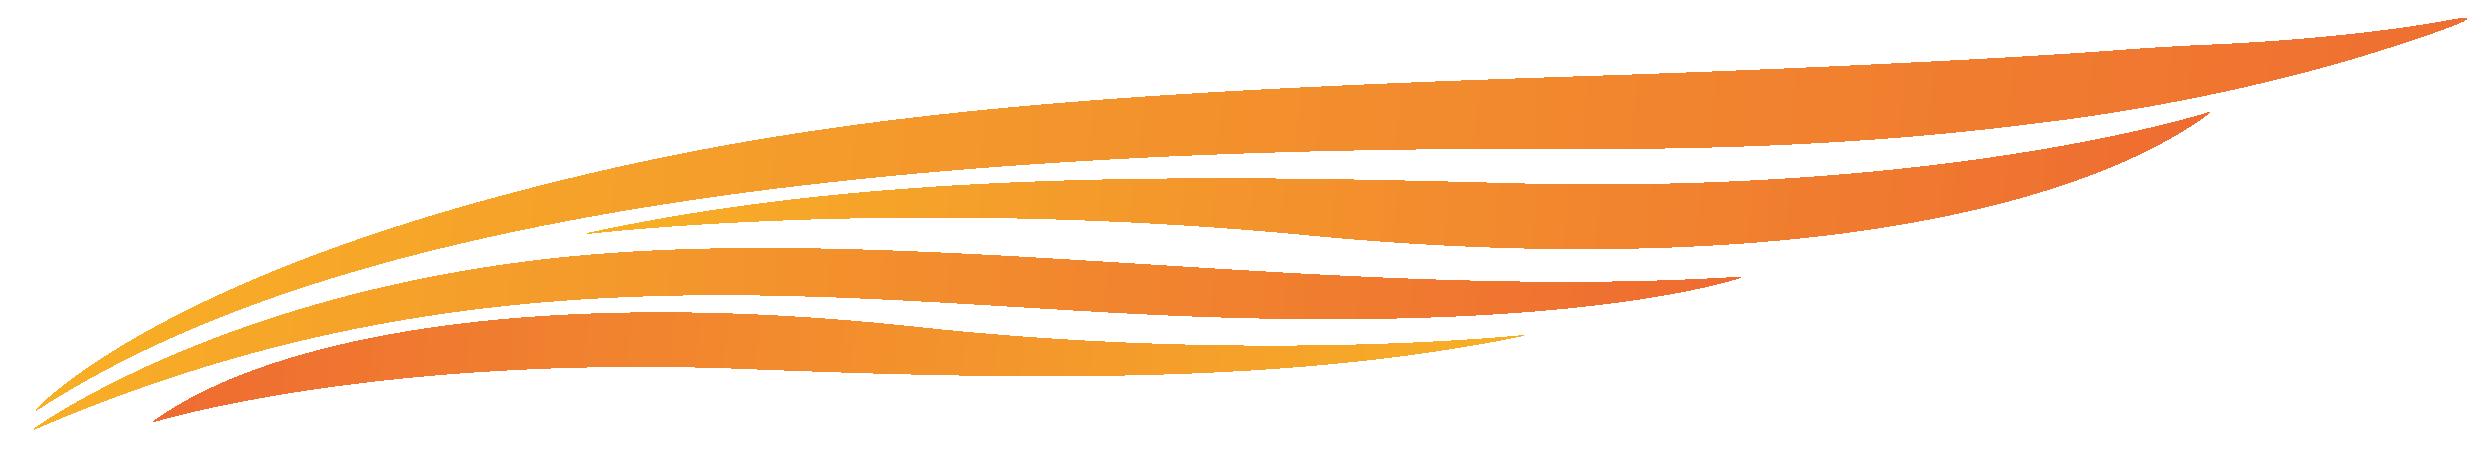 design-03.png